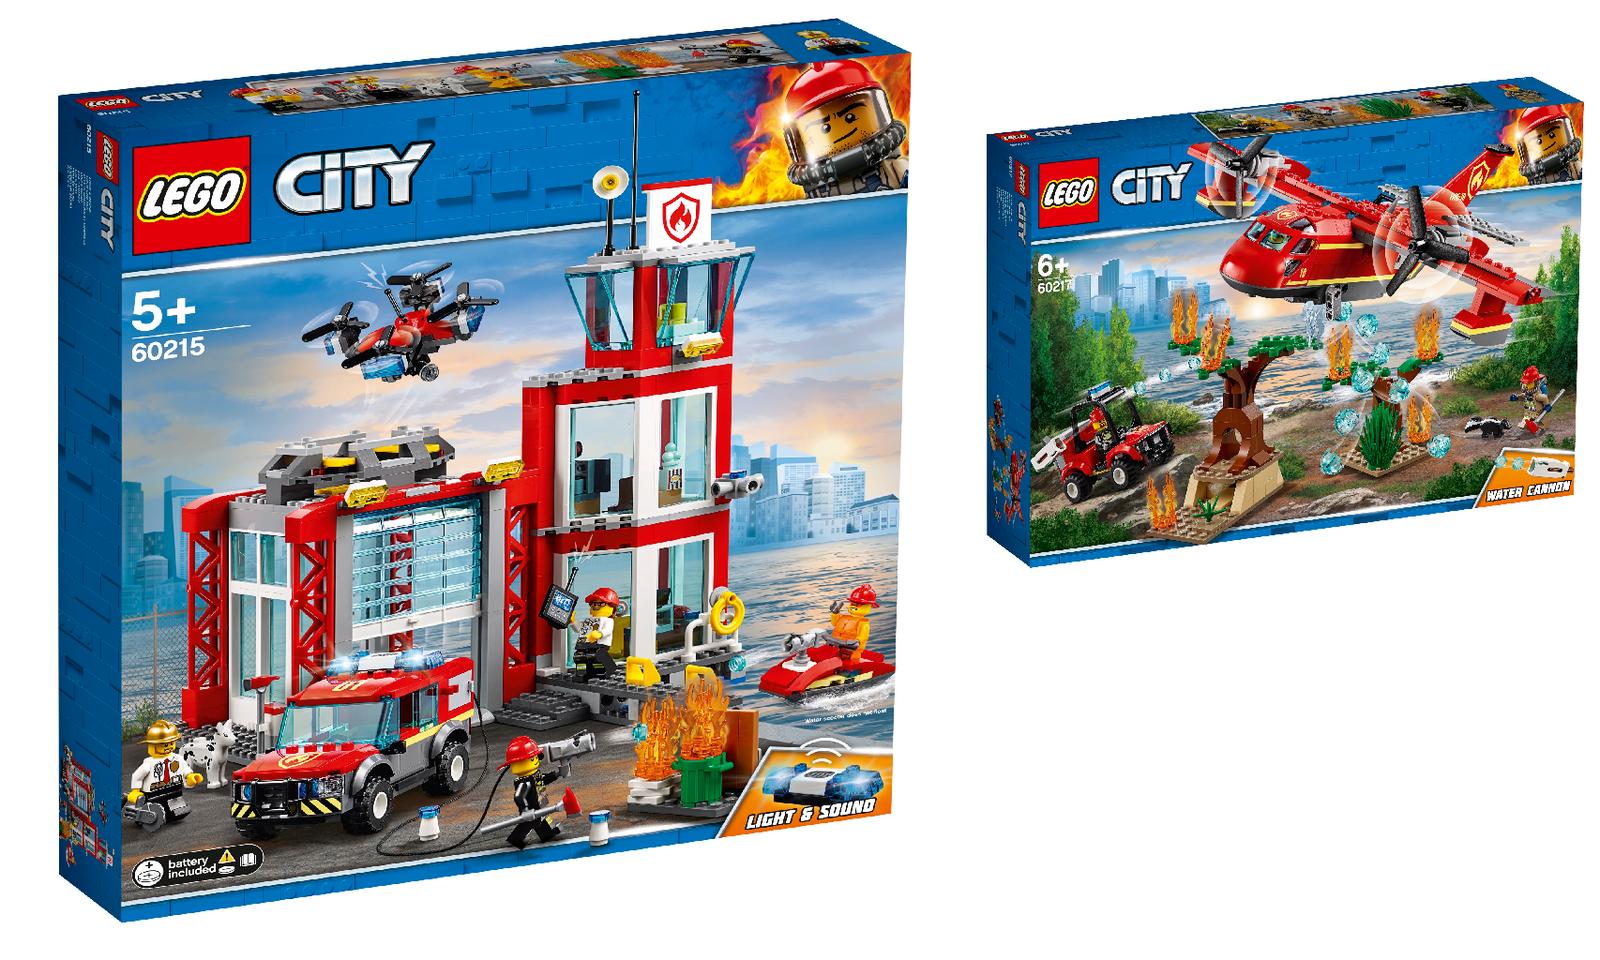 LEGO City 2er Set  60215 Feuerwehr-Station + 60217 Löschflugzeug der Feuerwehr